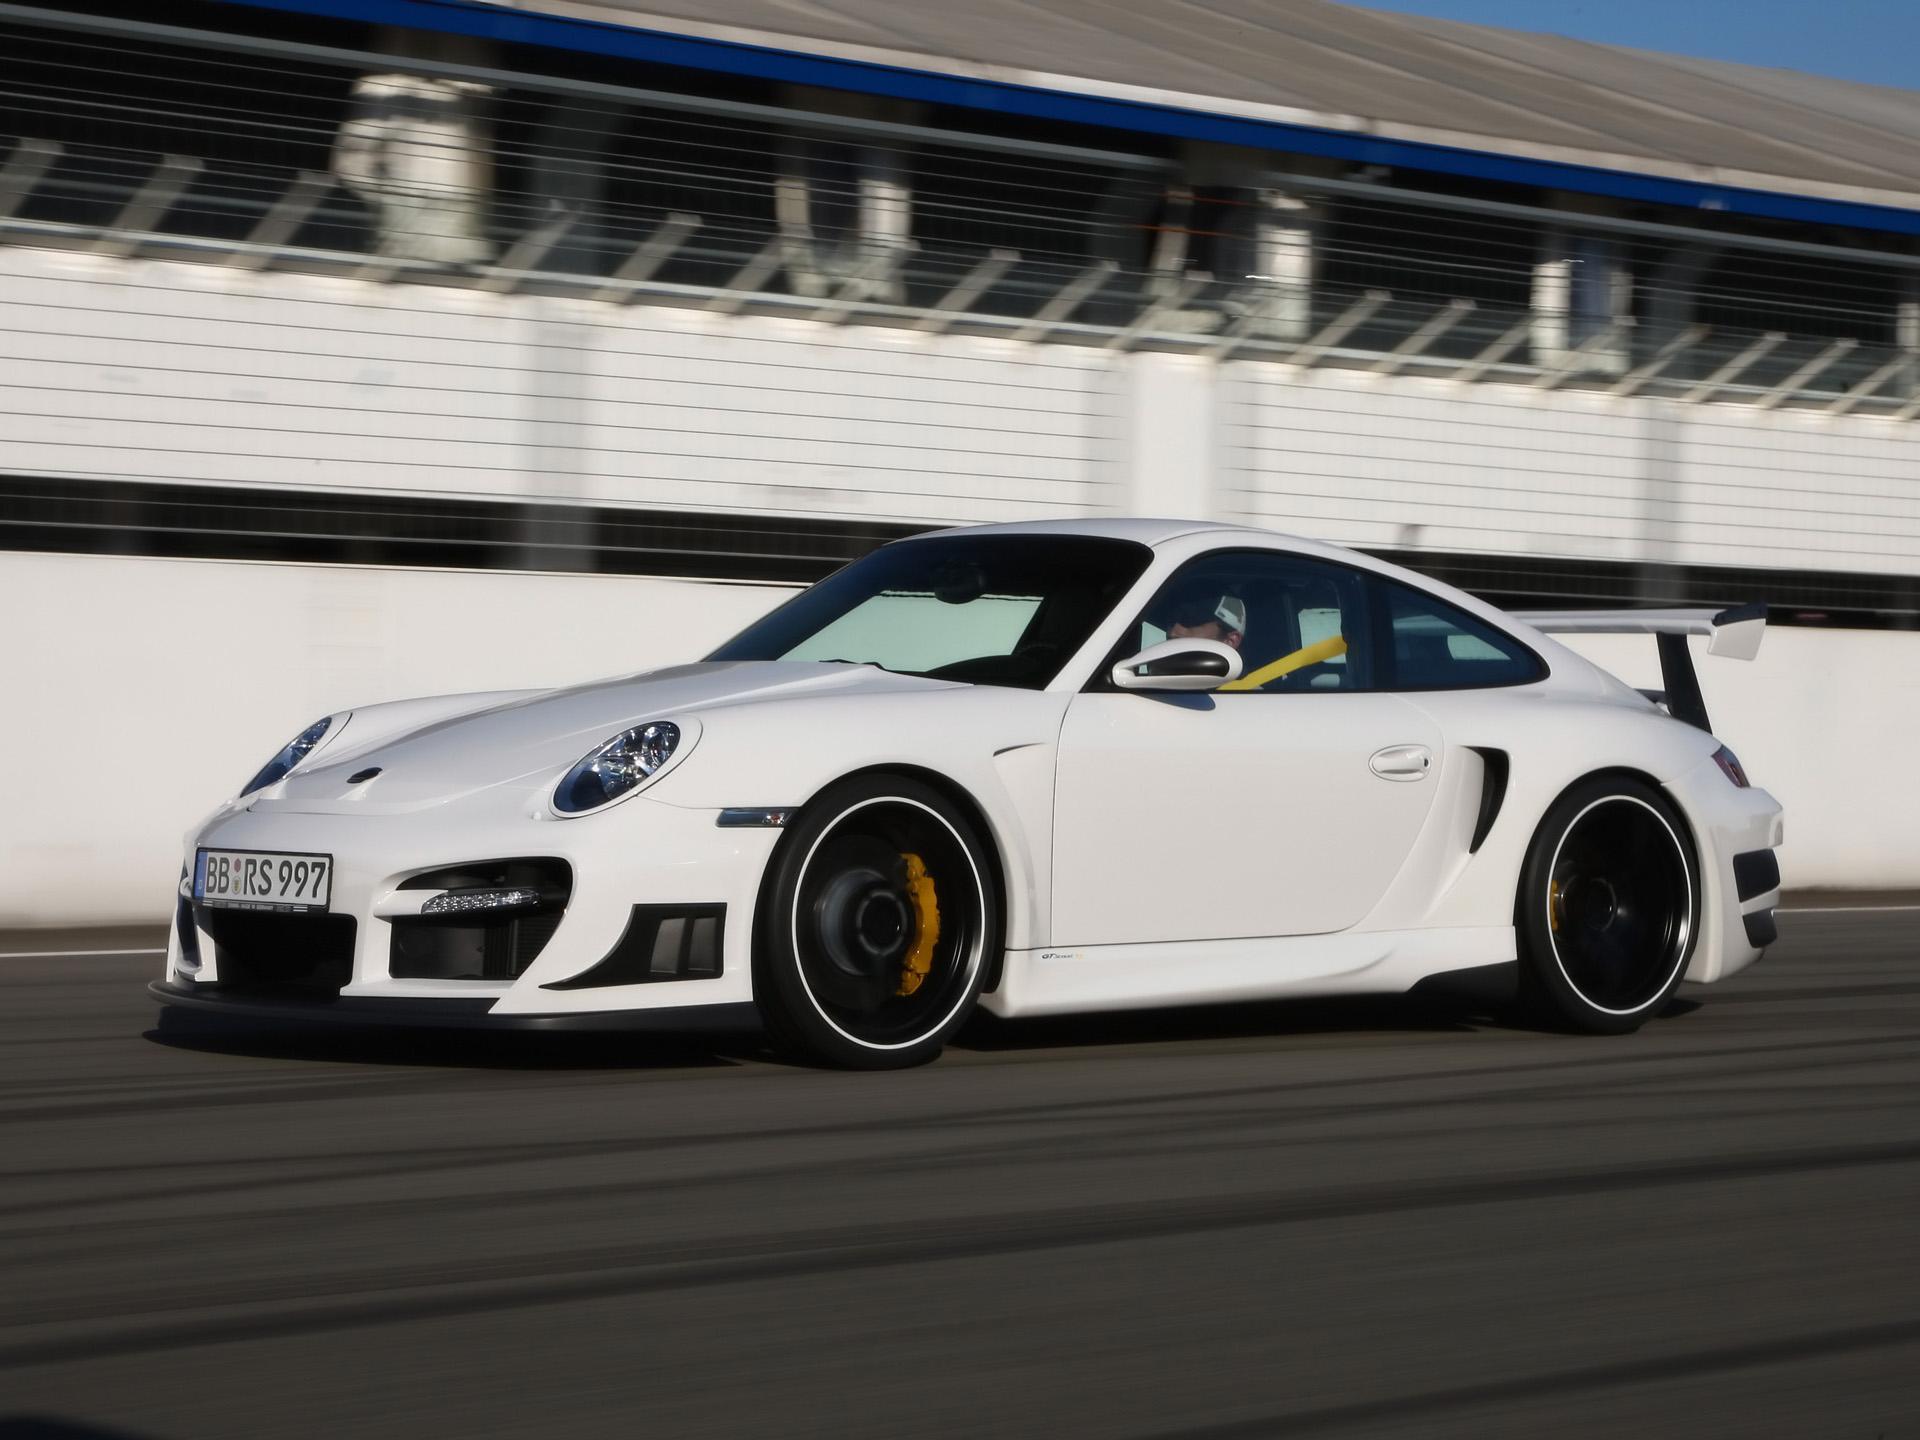 Wallpaper Porsche 911 Sports Car Convertible Porsche 911 Gt3